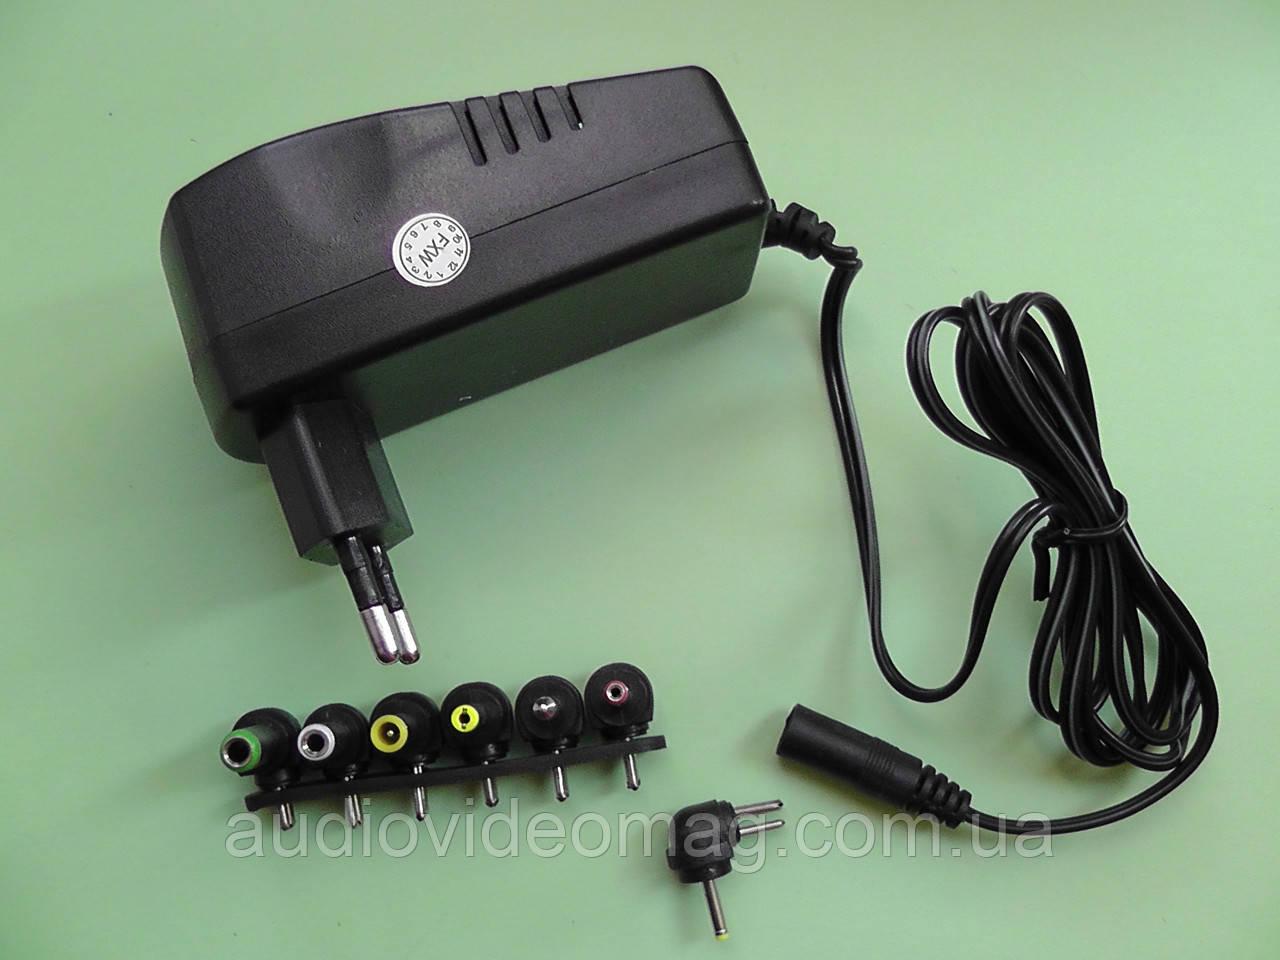 Универсальный блок питания от 3V до 12V, сила тока 2.5A, с 6-ю штекерами-насадками, фото 1